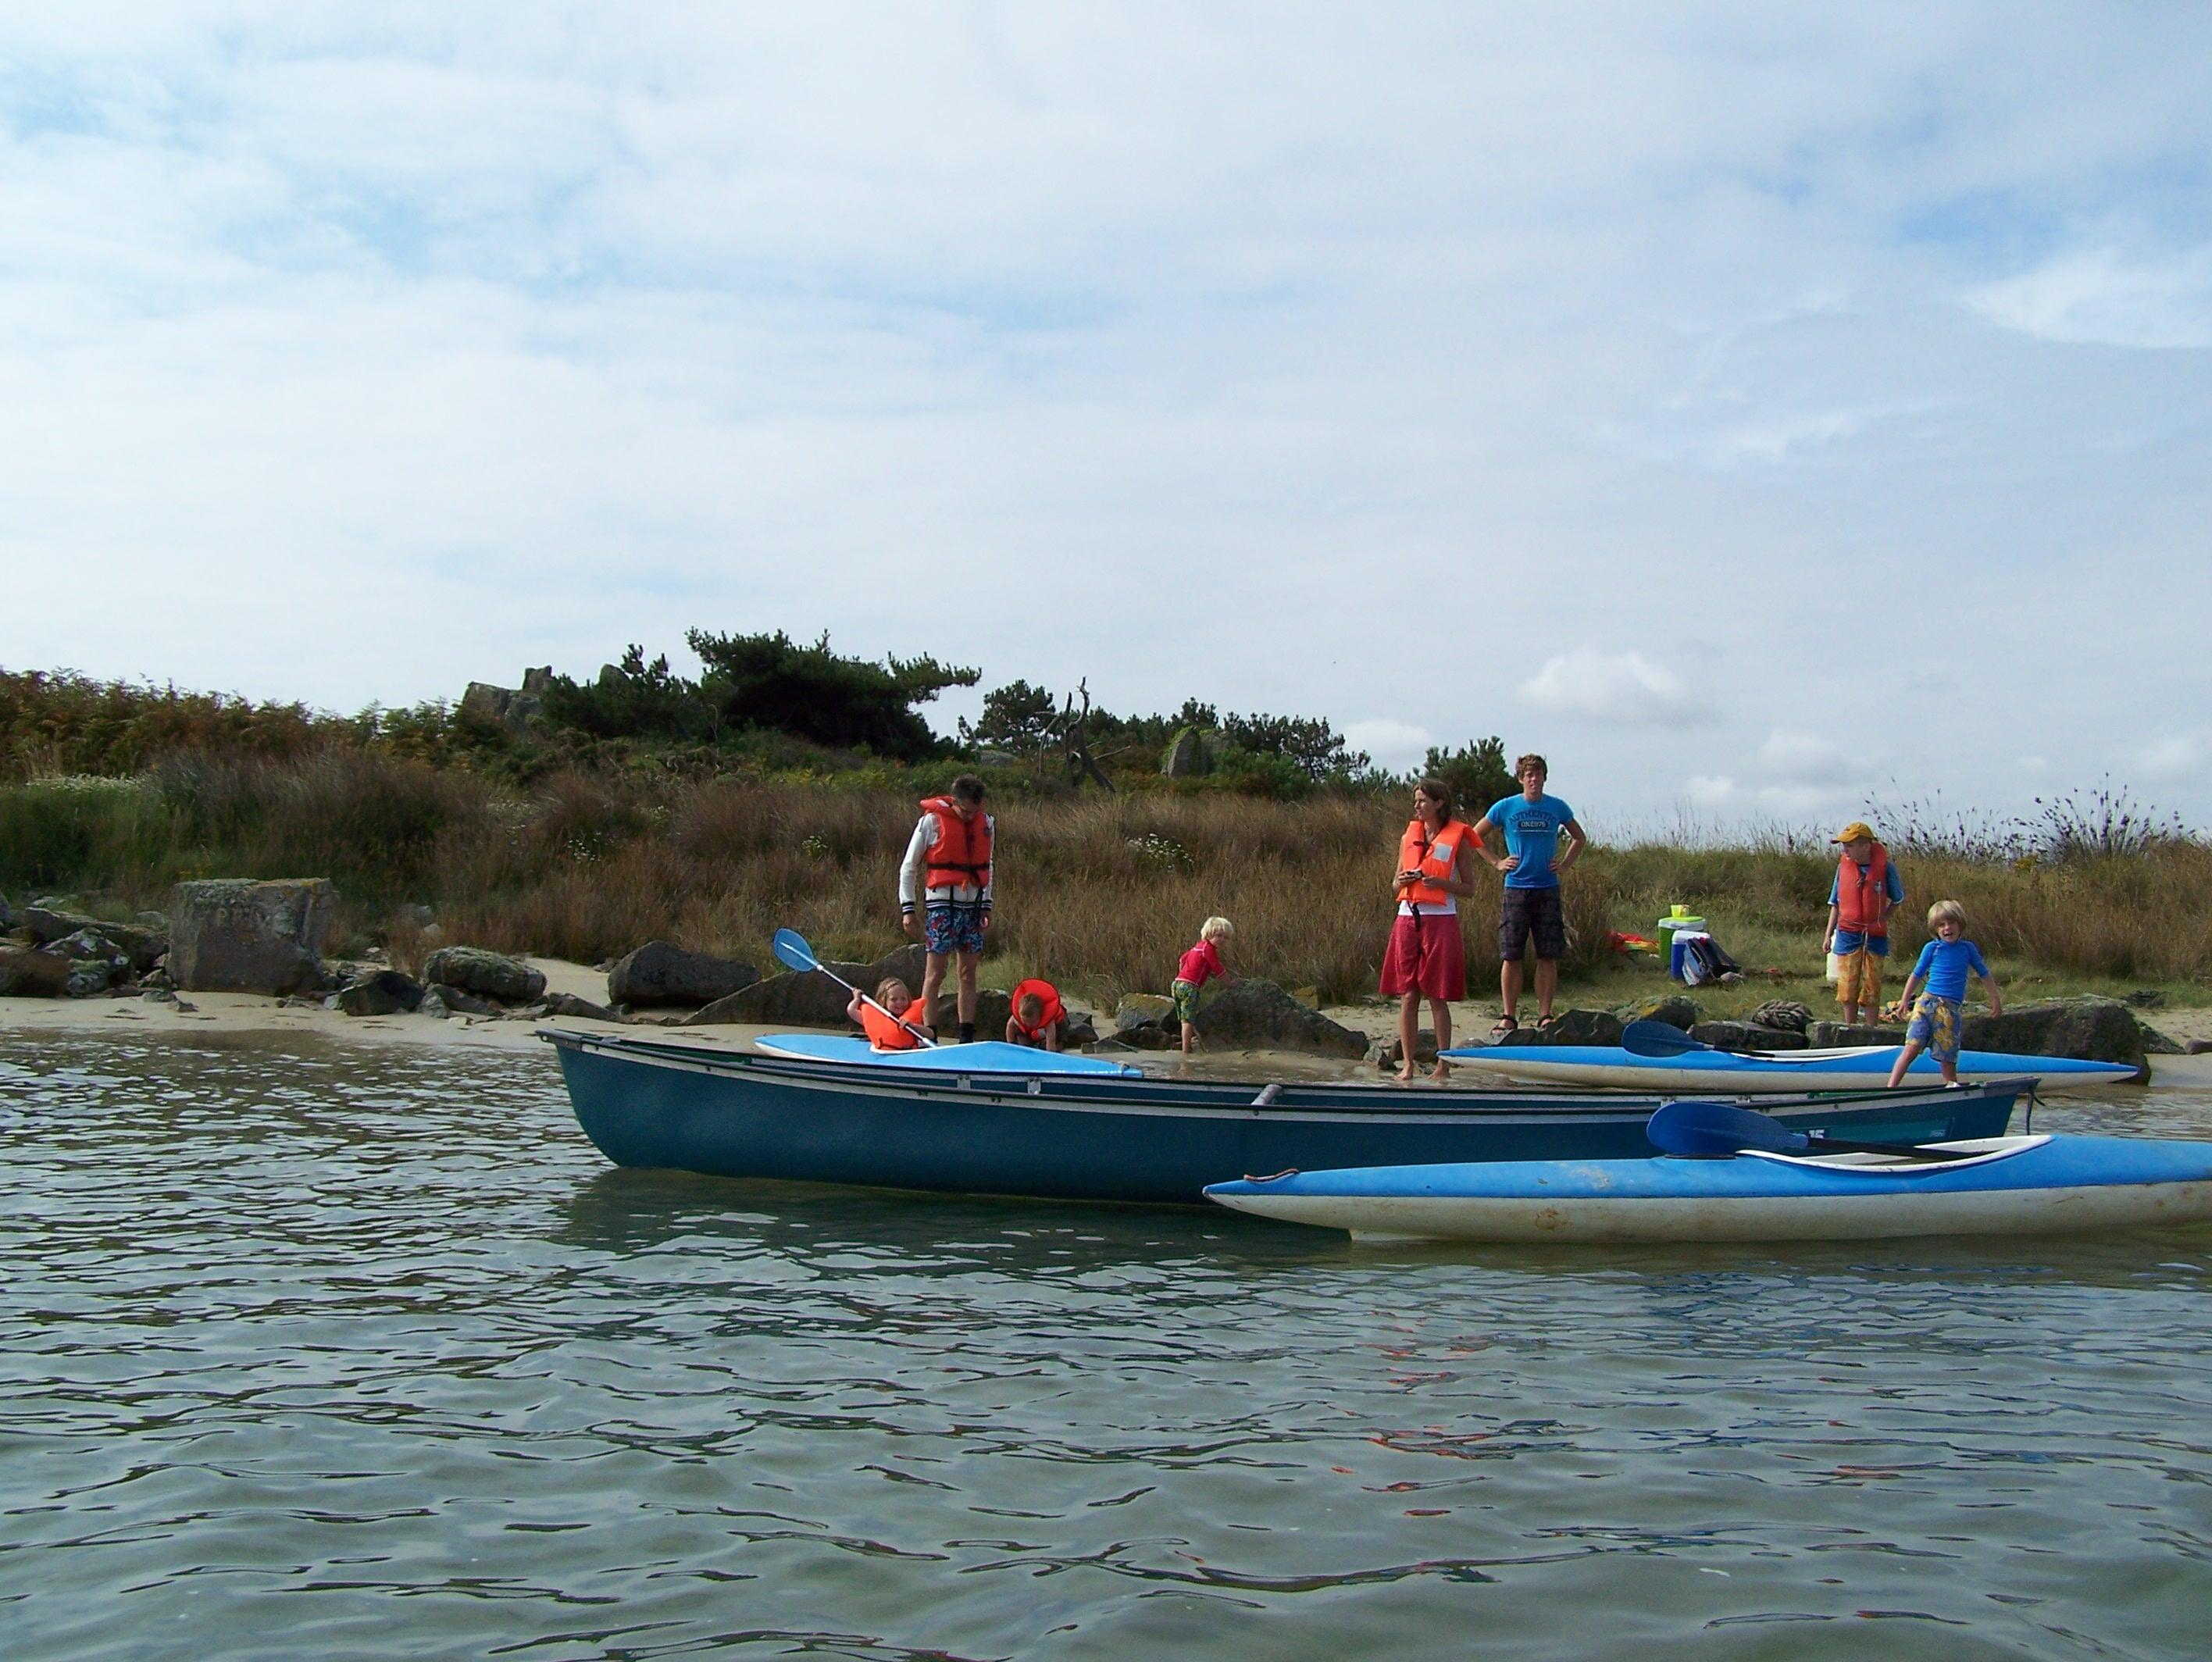 Pauze bij een eilandje tijdens de kanotocht